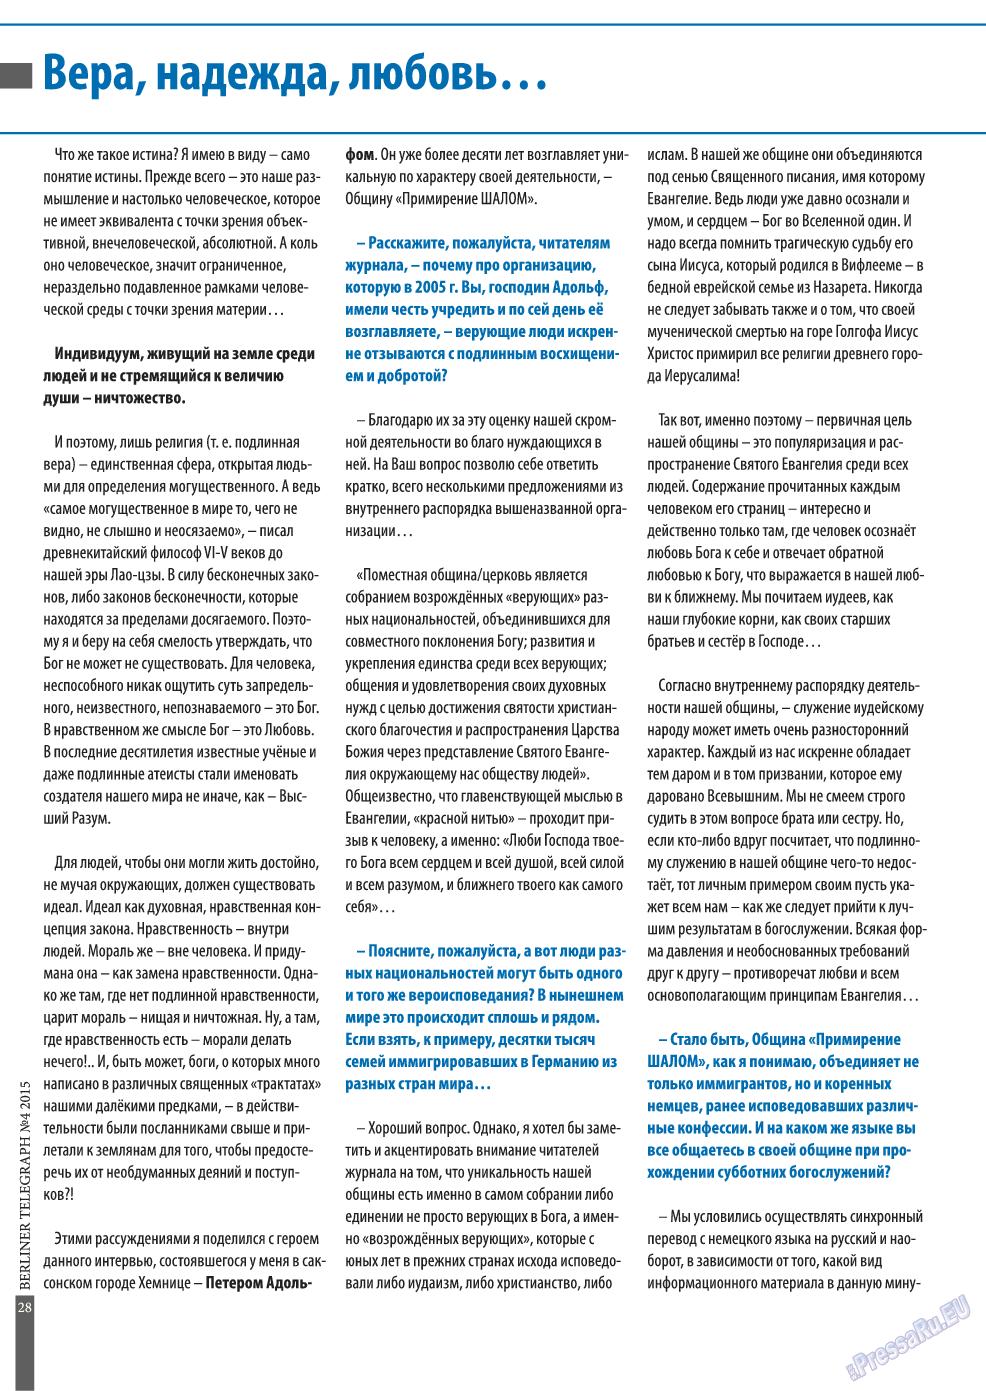 Берлинский телеграф (журнал). 2015 год, номер 4, стр. 28